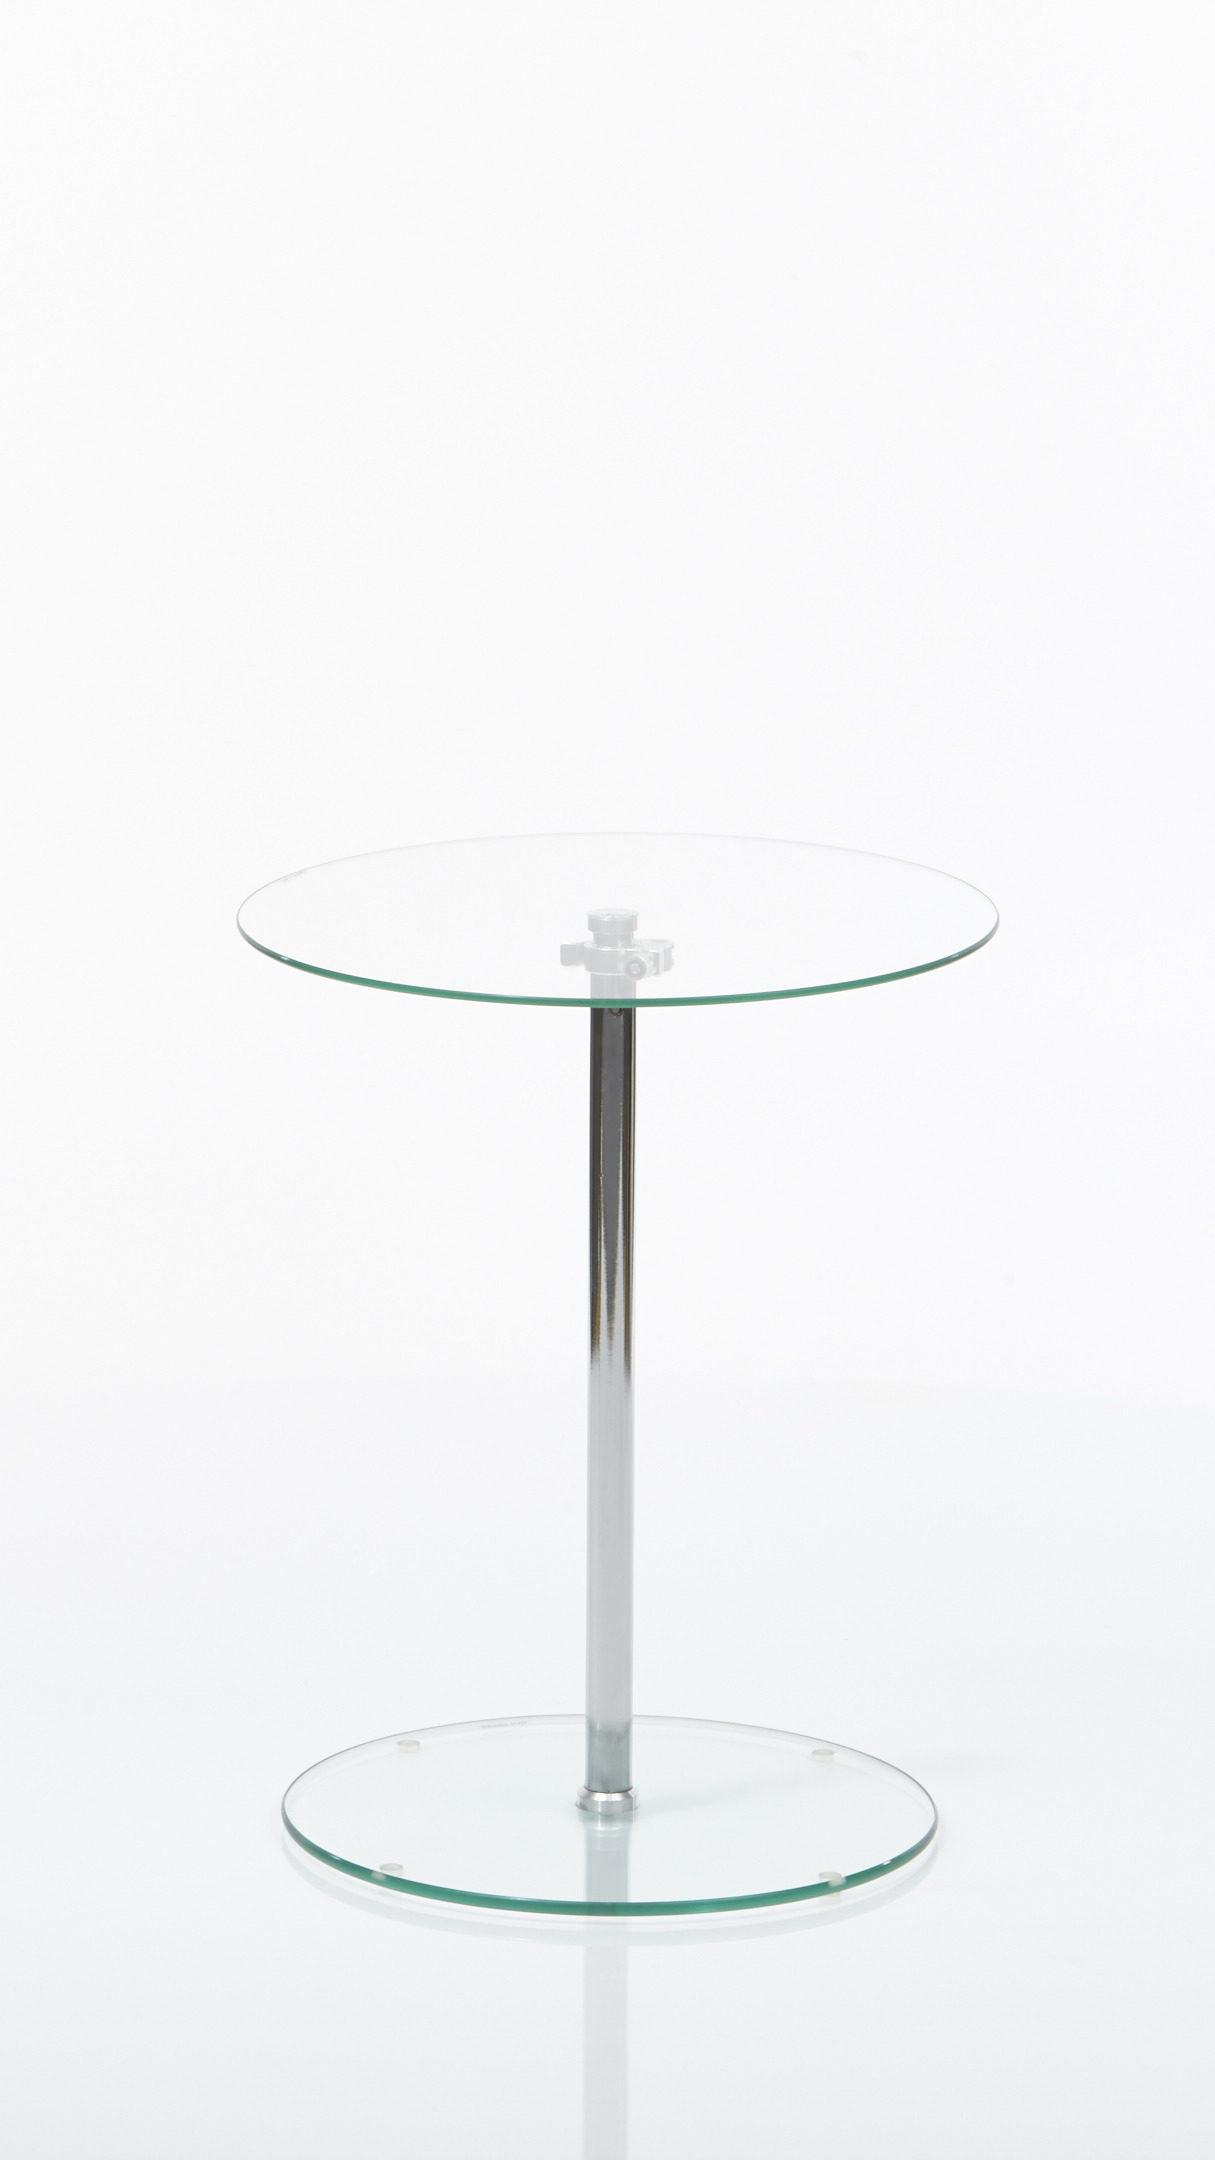 Höhenverstellbarer Beistelltisch Bzw Couchtisch Klarglas Chrom